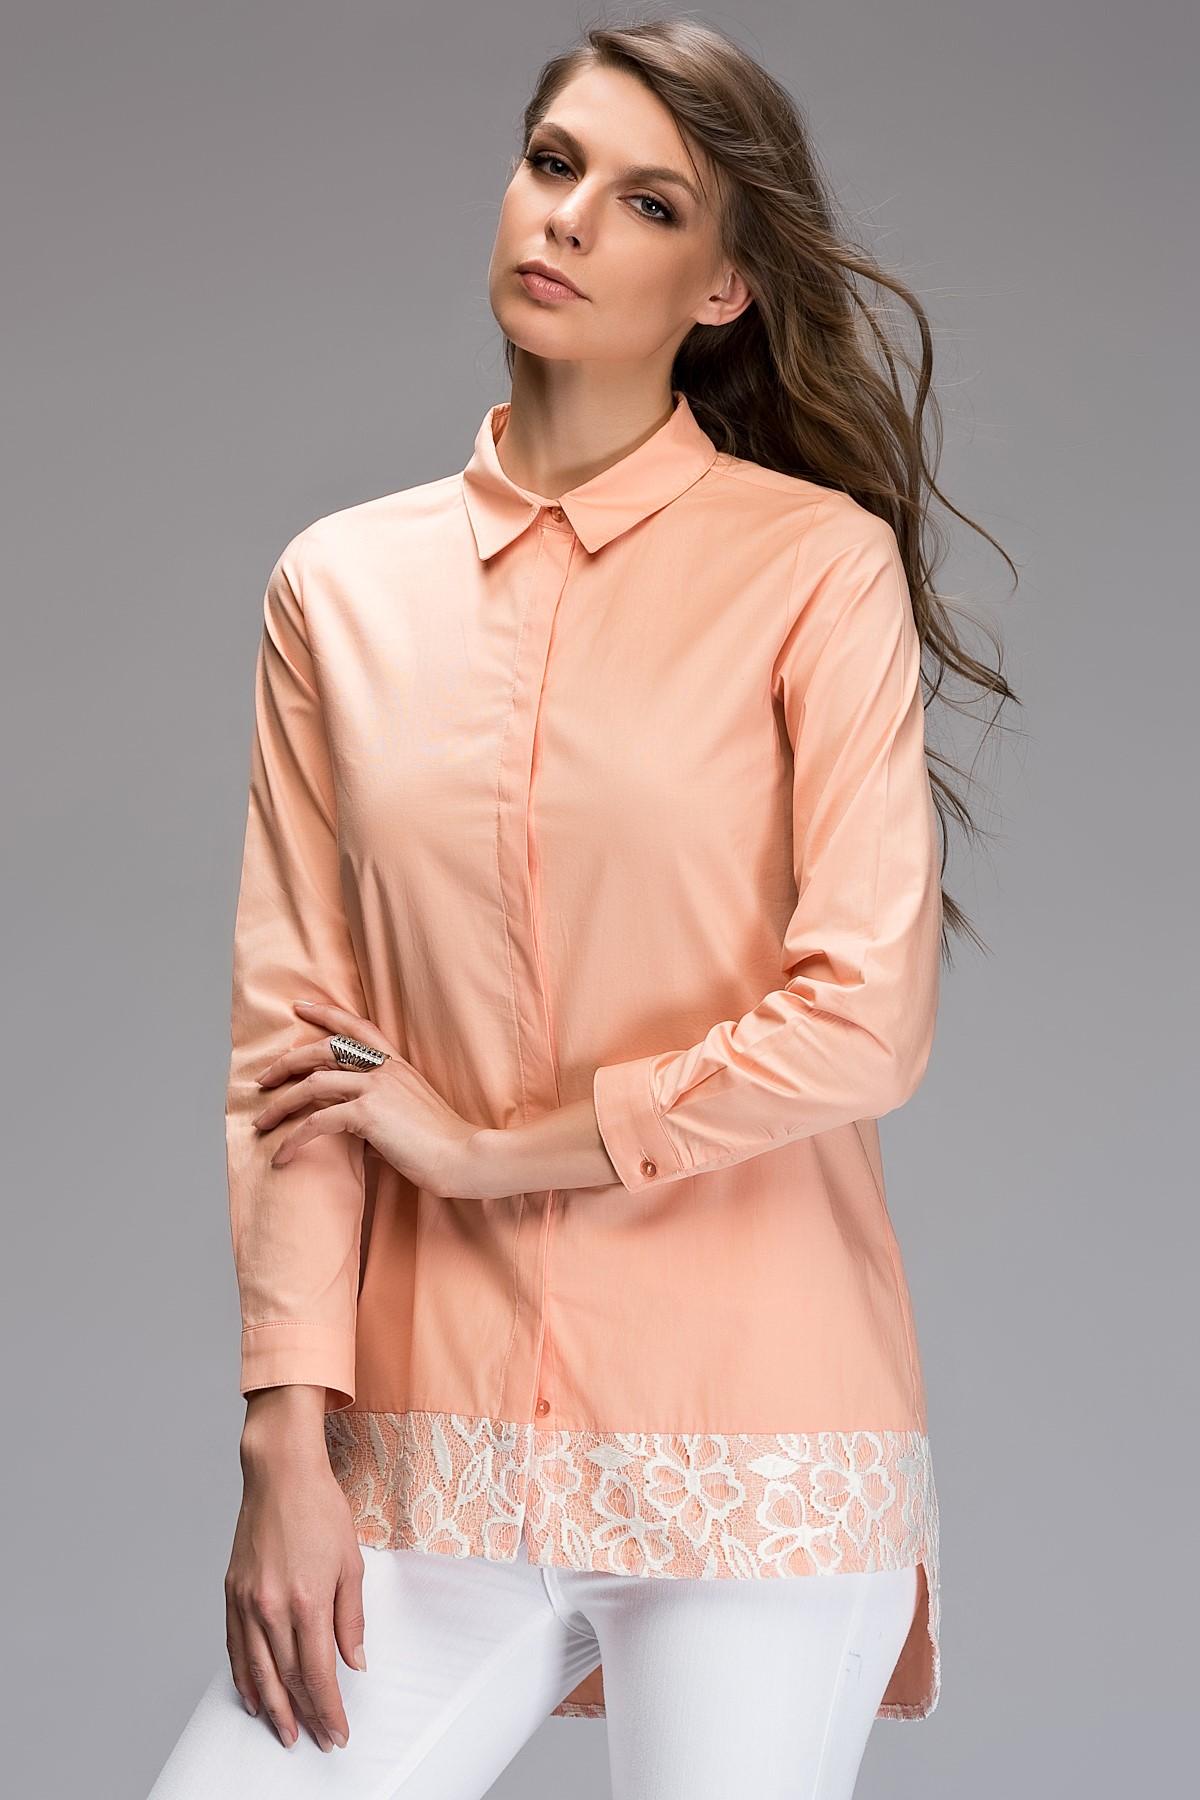 Yeni Sezon Vavist Somon Renkli Tunik Modeli